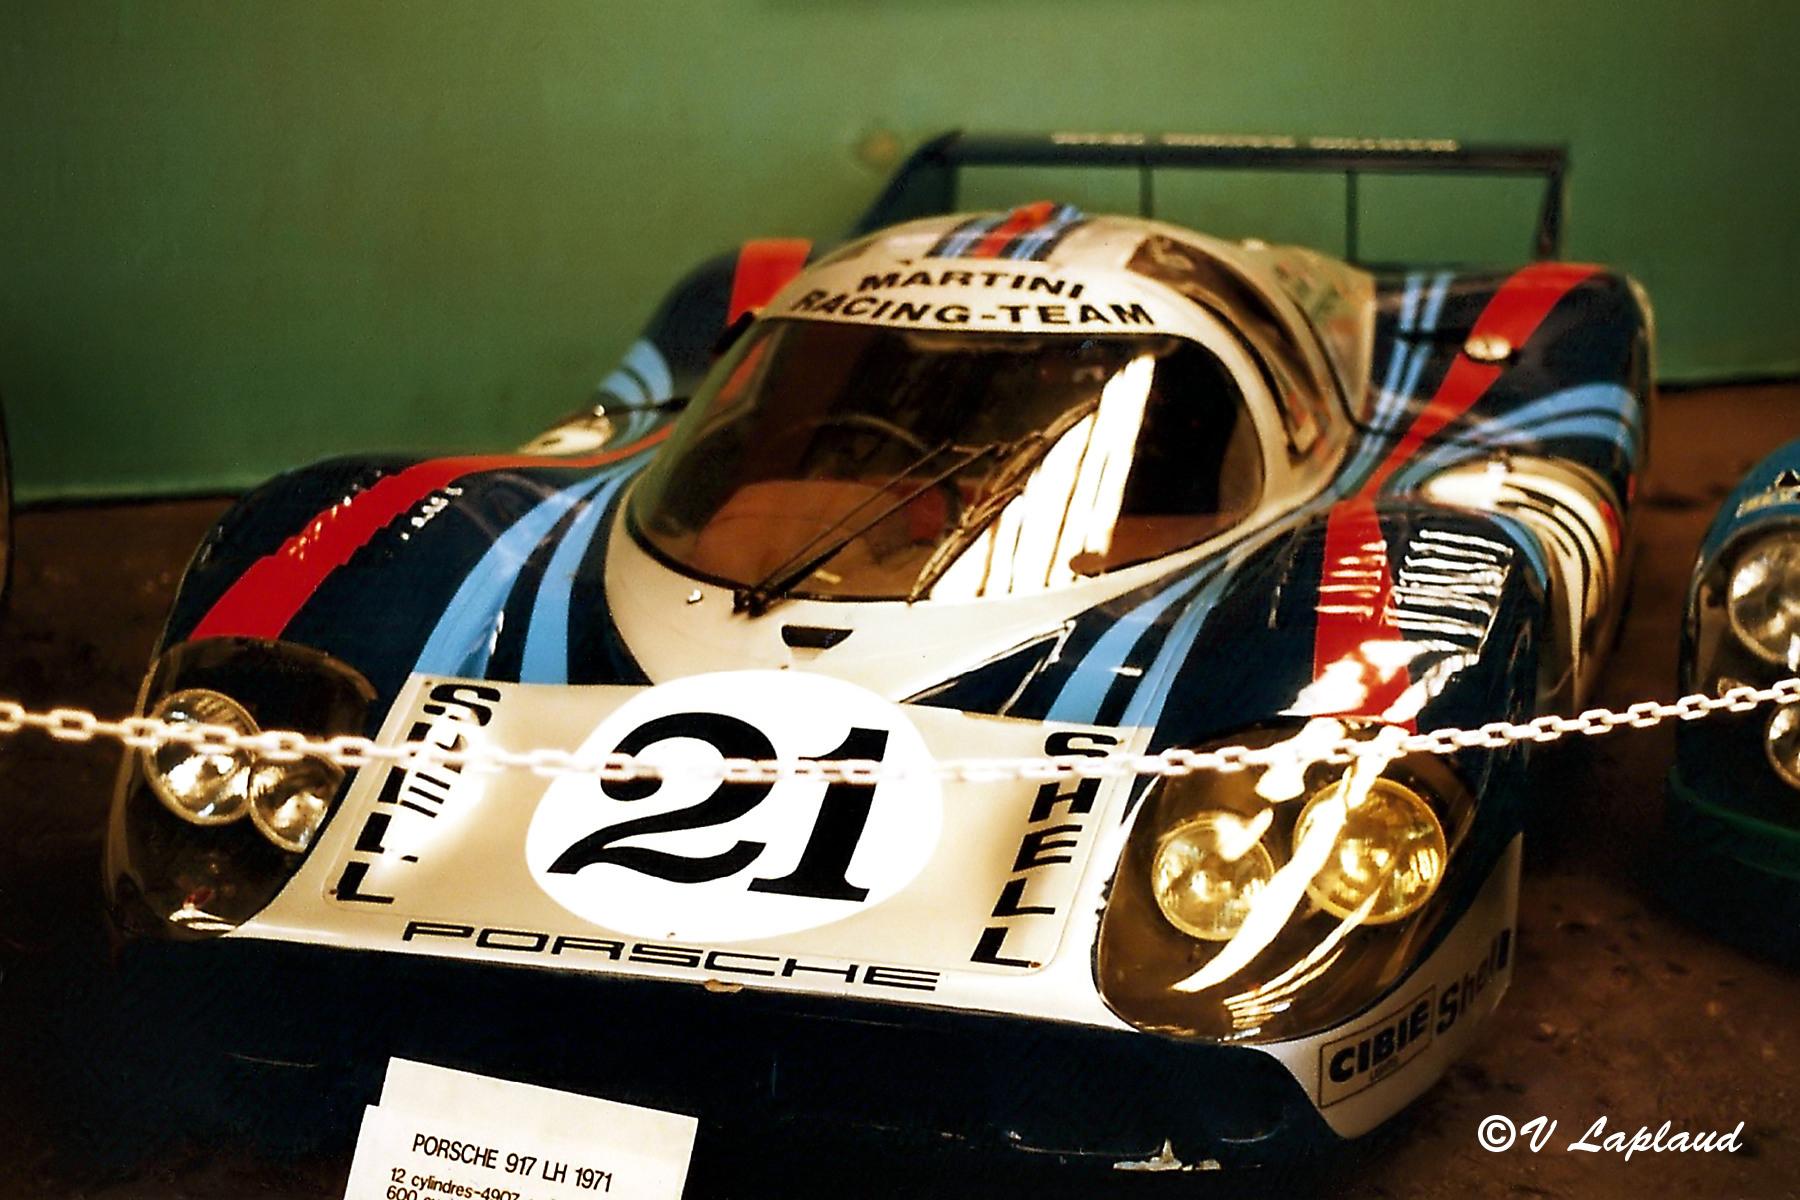 Porsche 917-045 Le Mans 1971 Musee du Mans 1989.